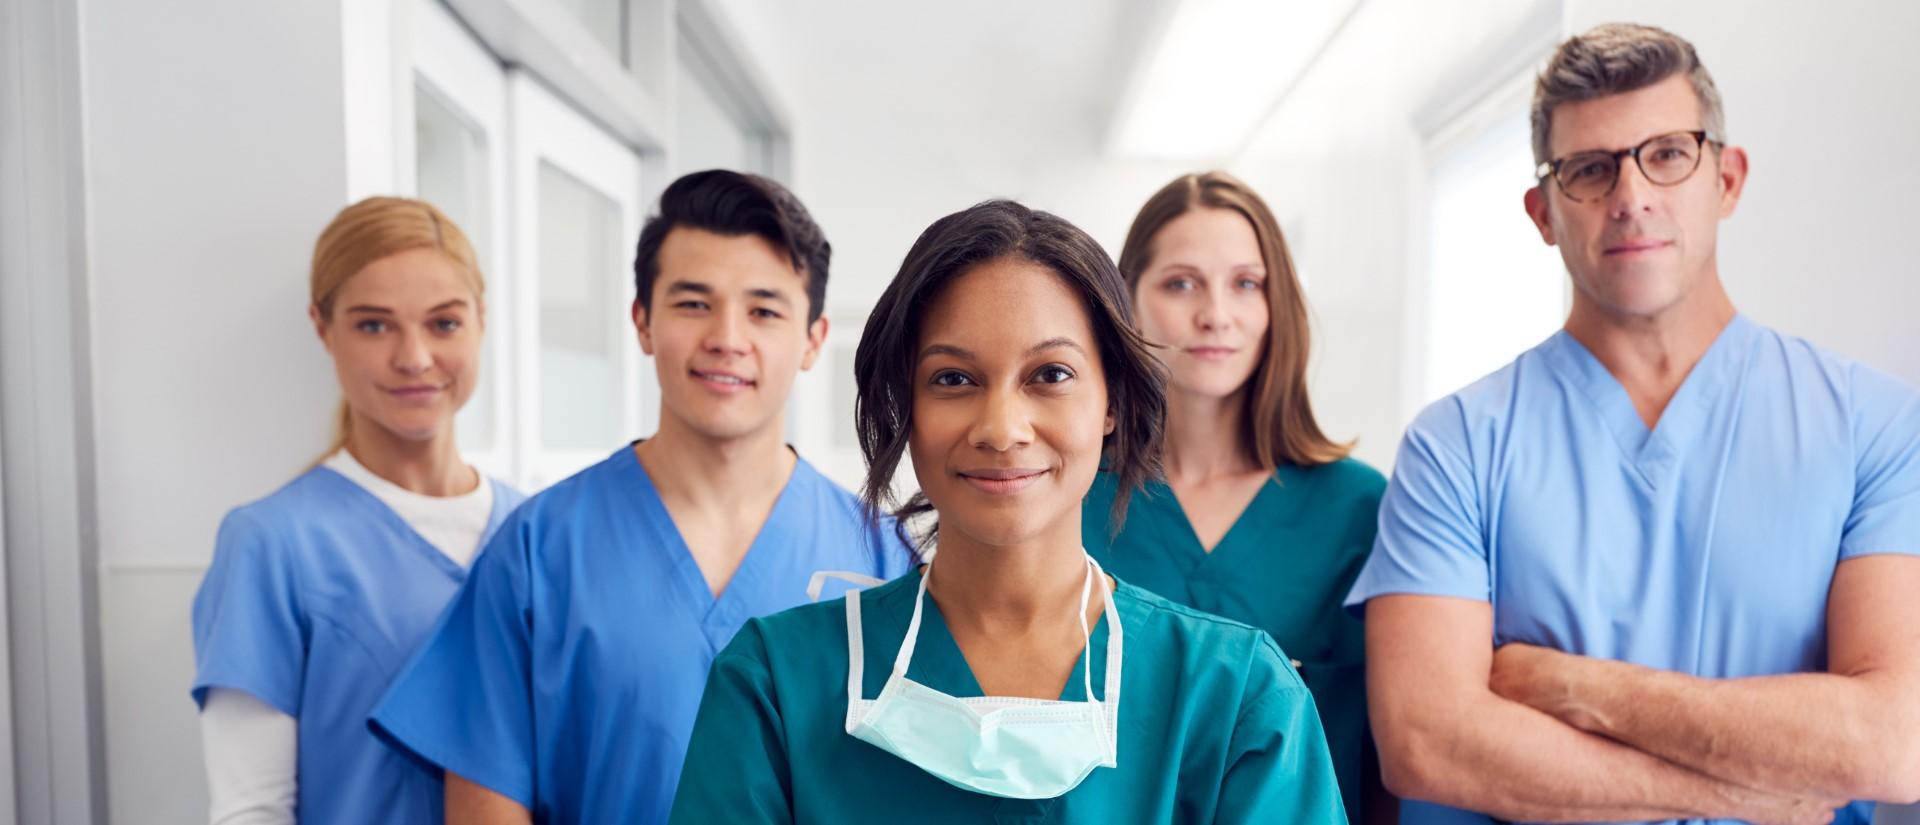 Zorgsector: verpleegkundige, zorgkundige en artsen